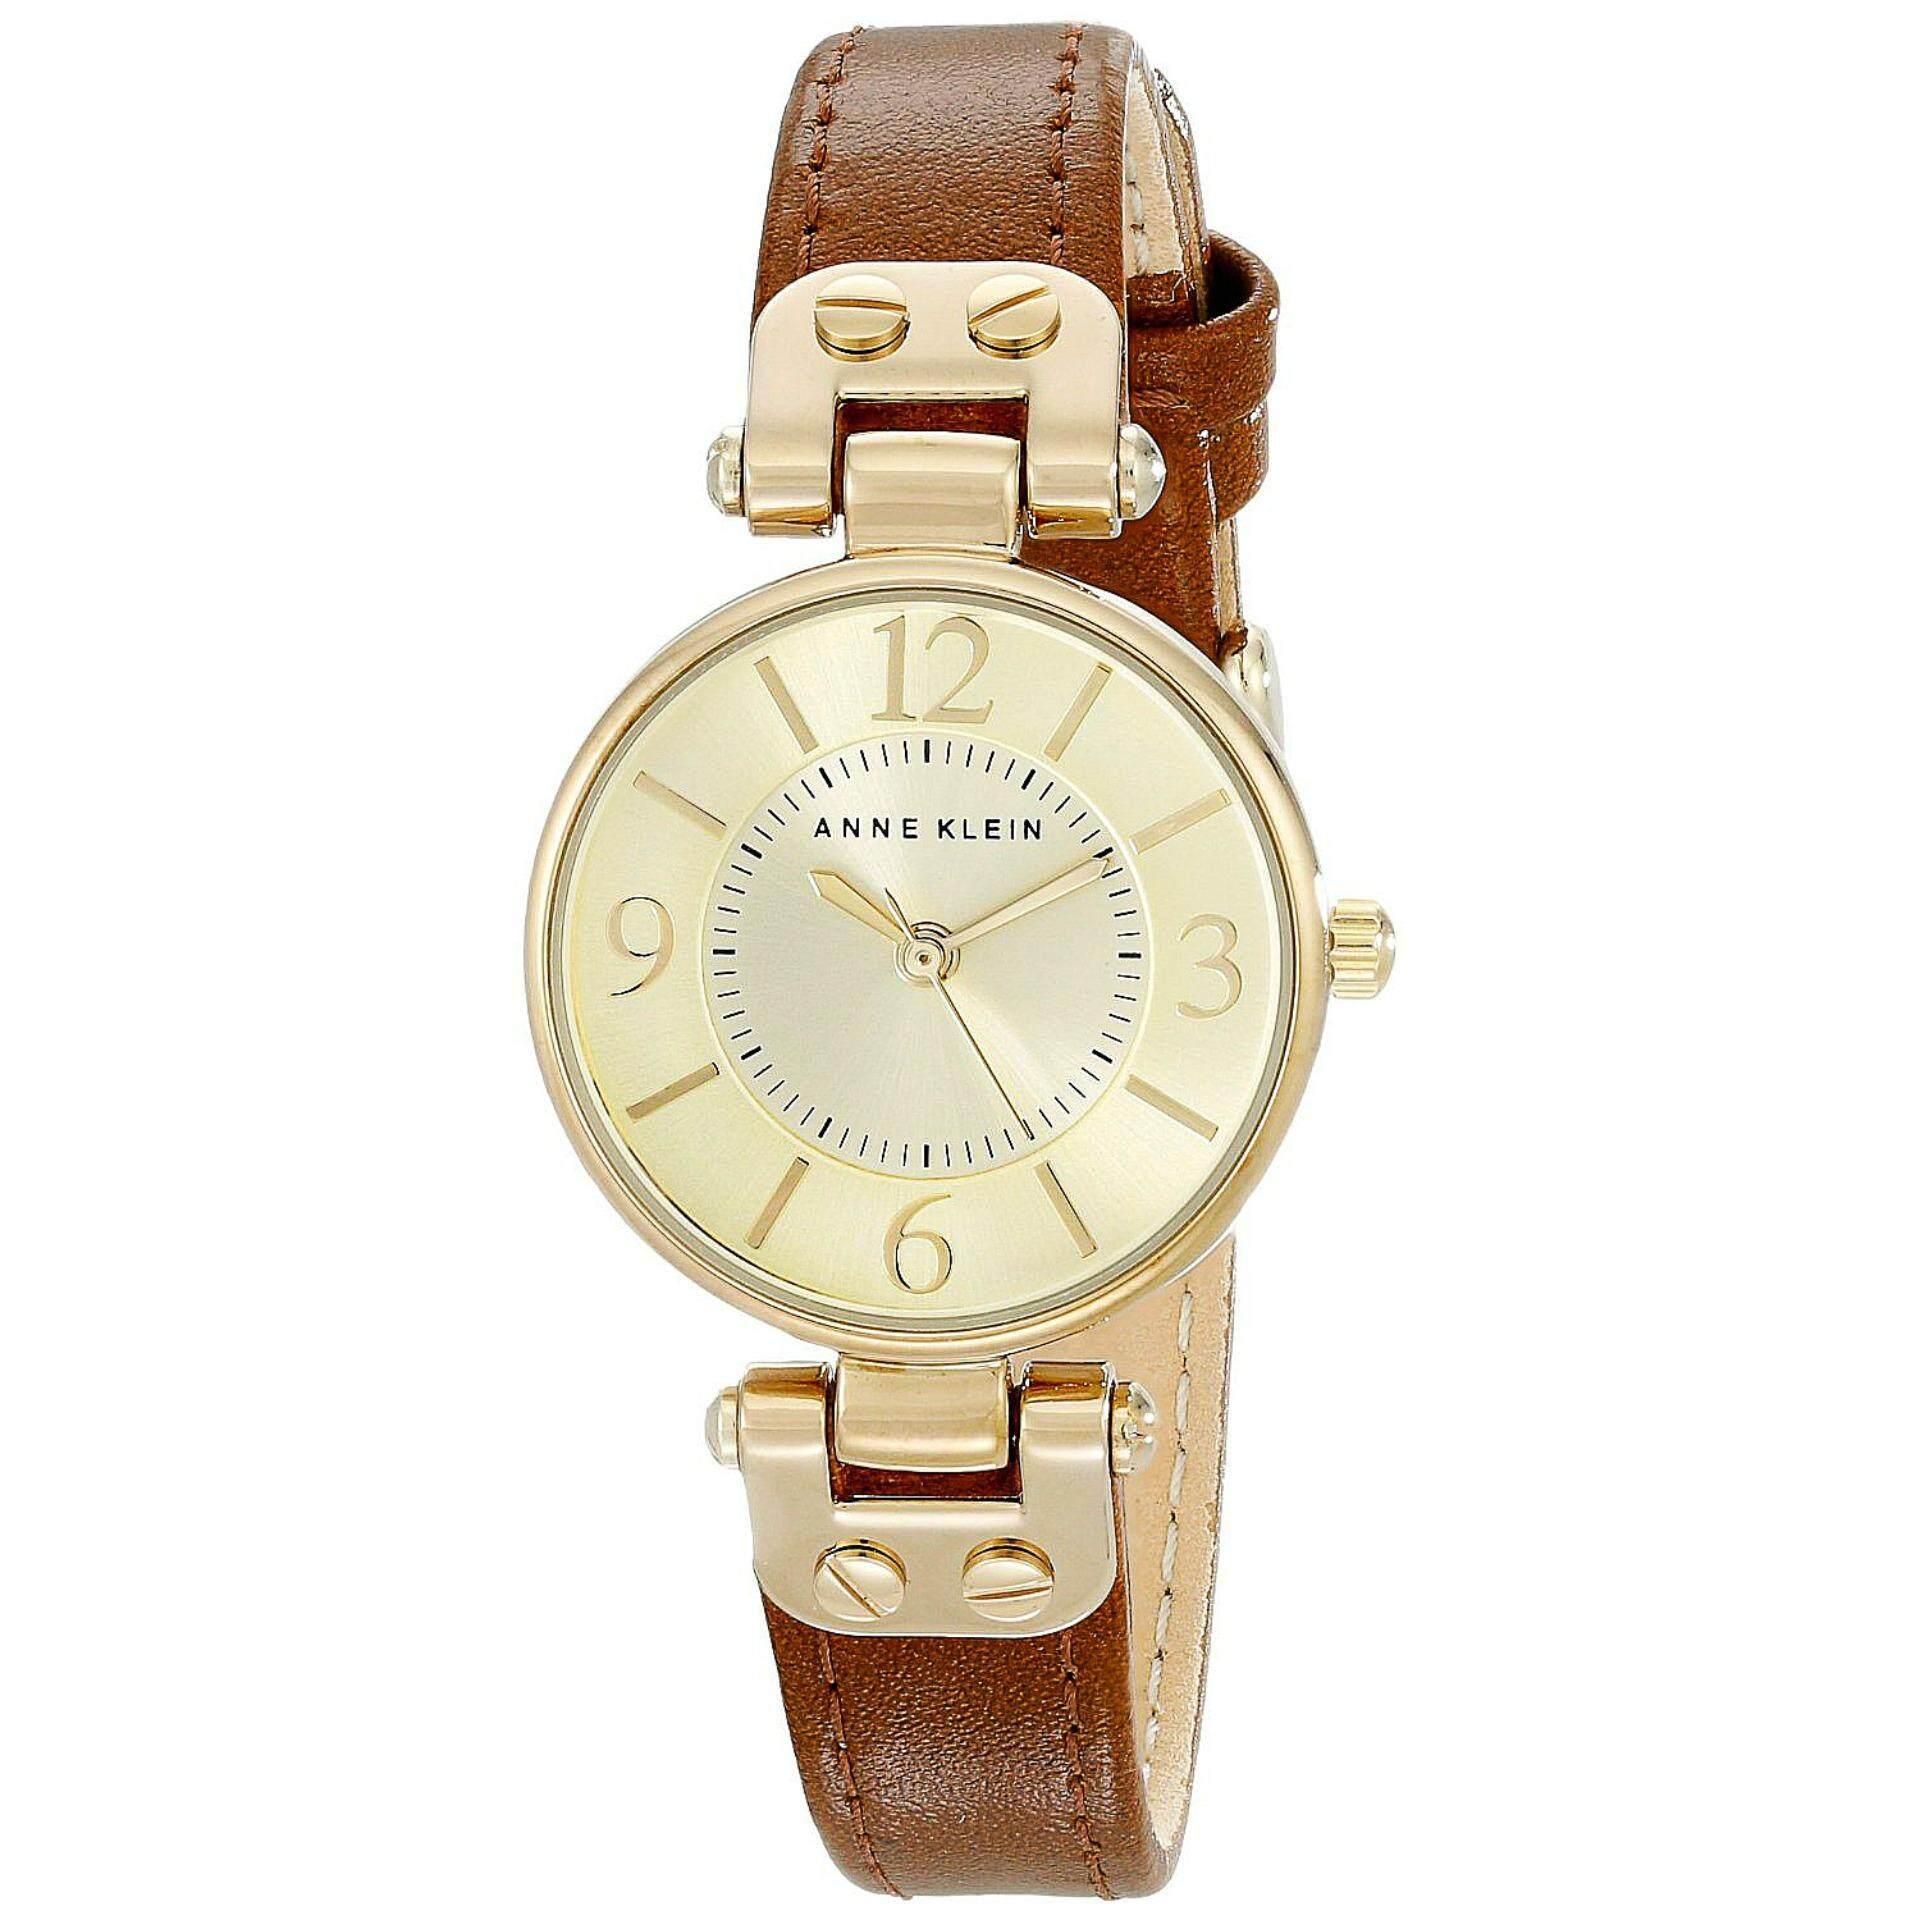 ส่วนลด สินค้า Anne Klein นาฬิกาข้อมือผู้หญิง สีน้ำตาล รุ่น 9442Chhy